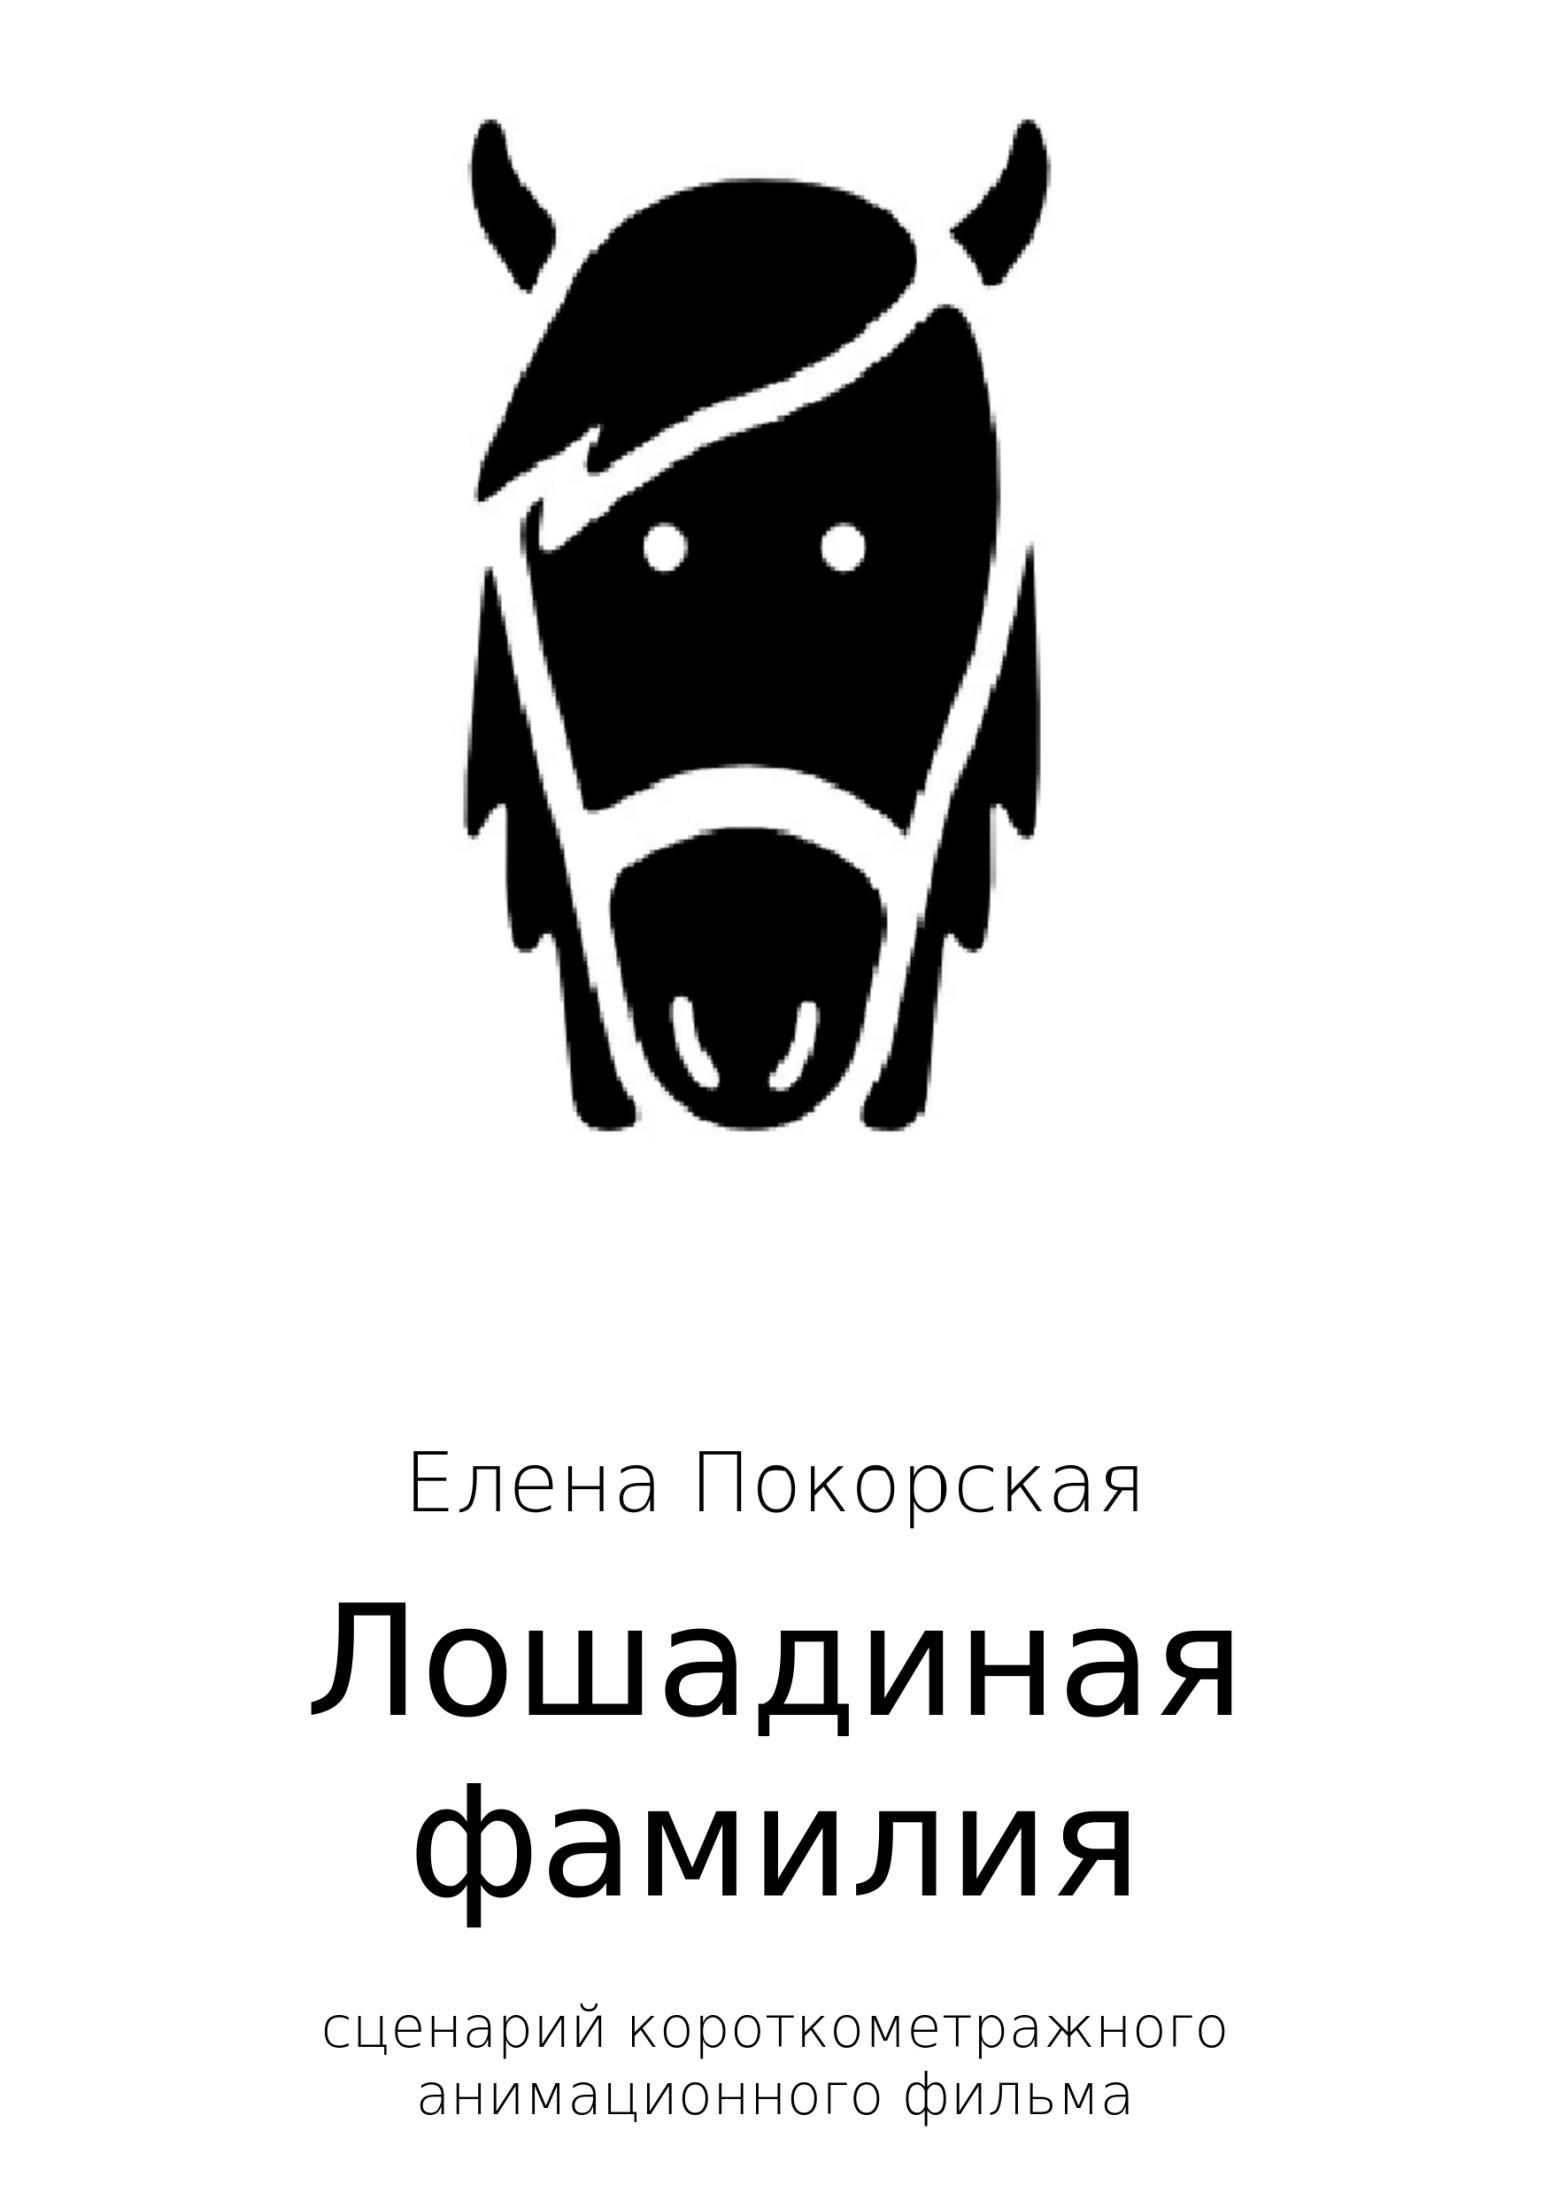 Елена Покорская Лошадиная фамилия антон чехов лошадиная фамилия